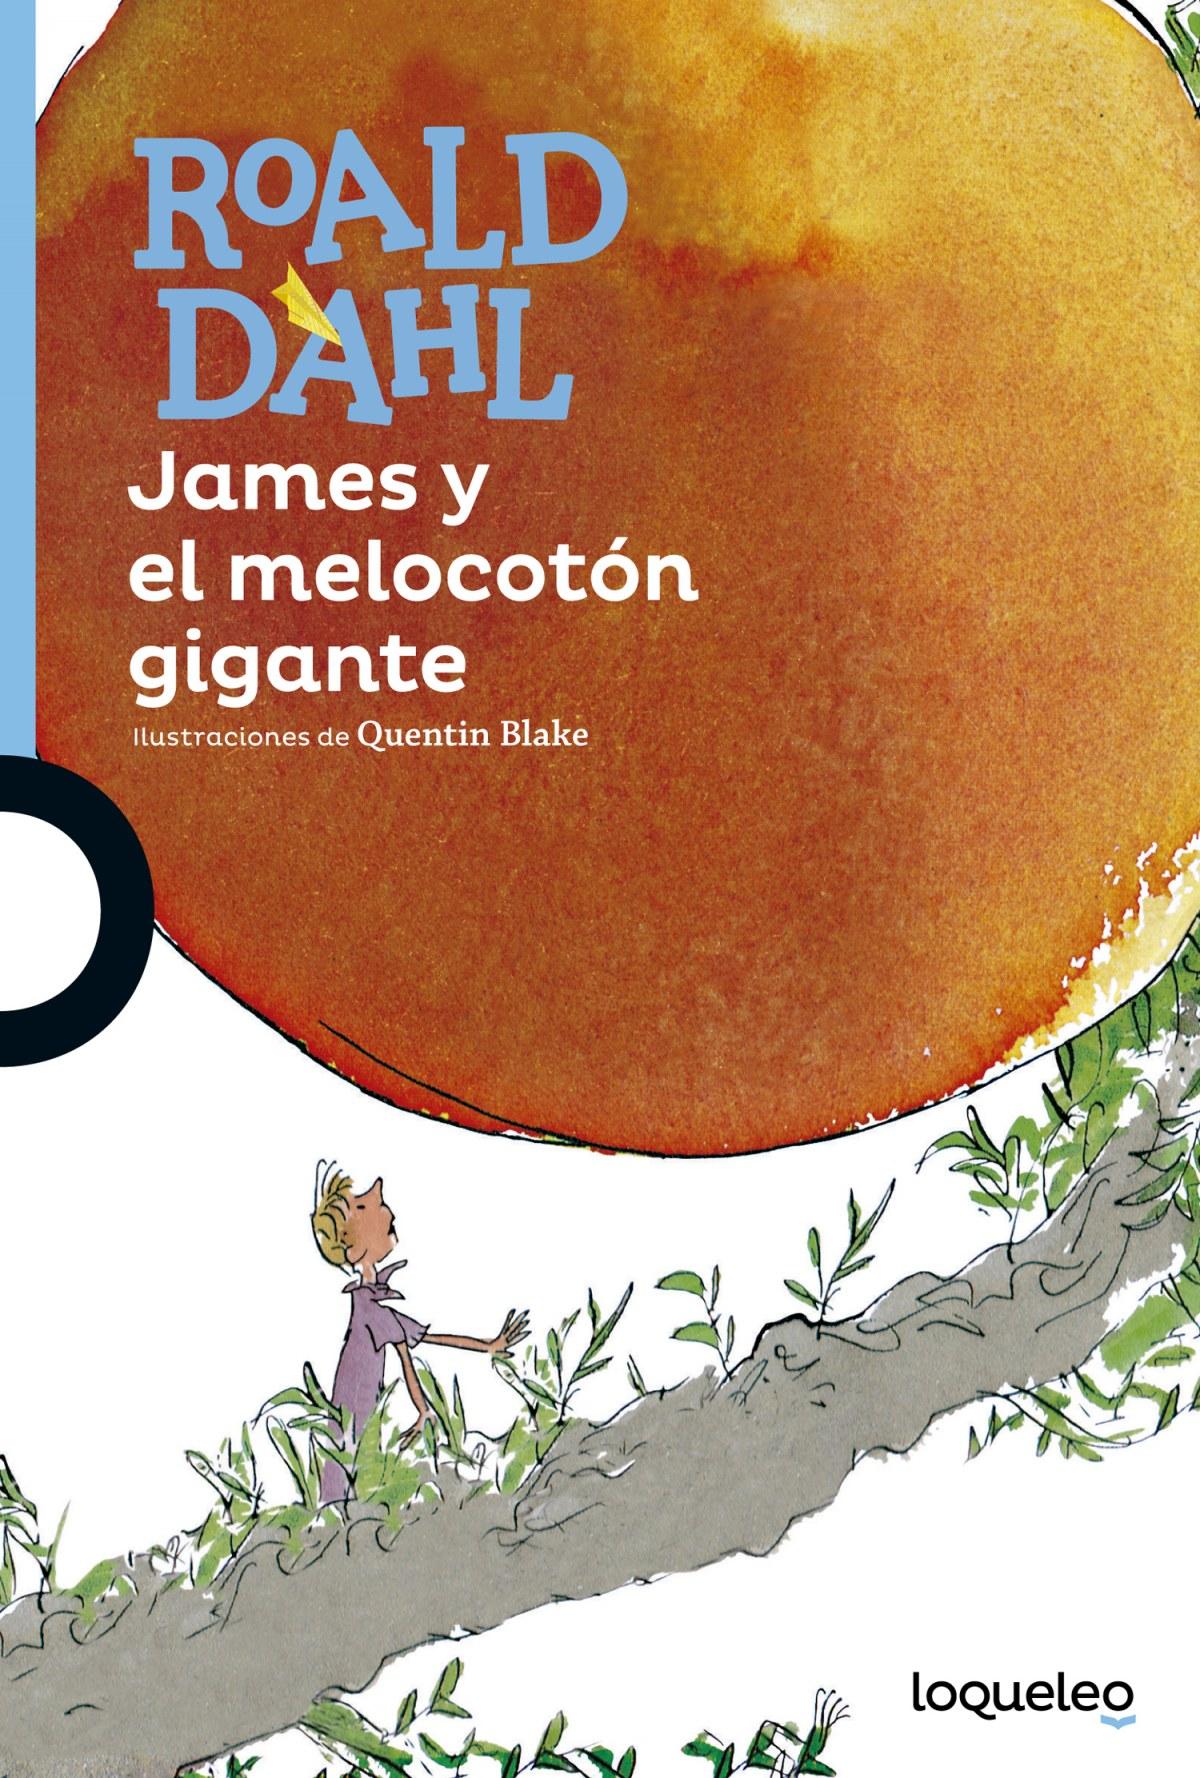 James y el melocotón gigante 9788491221296